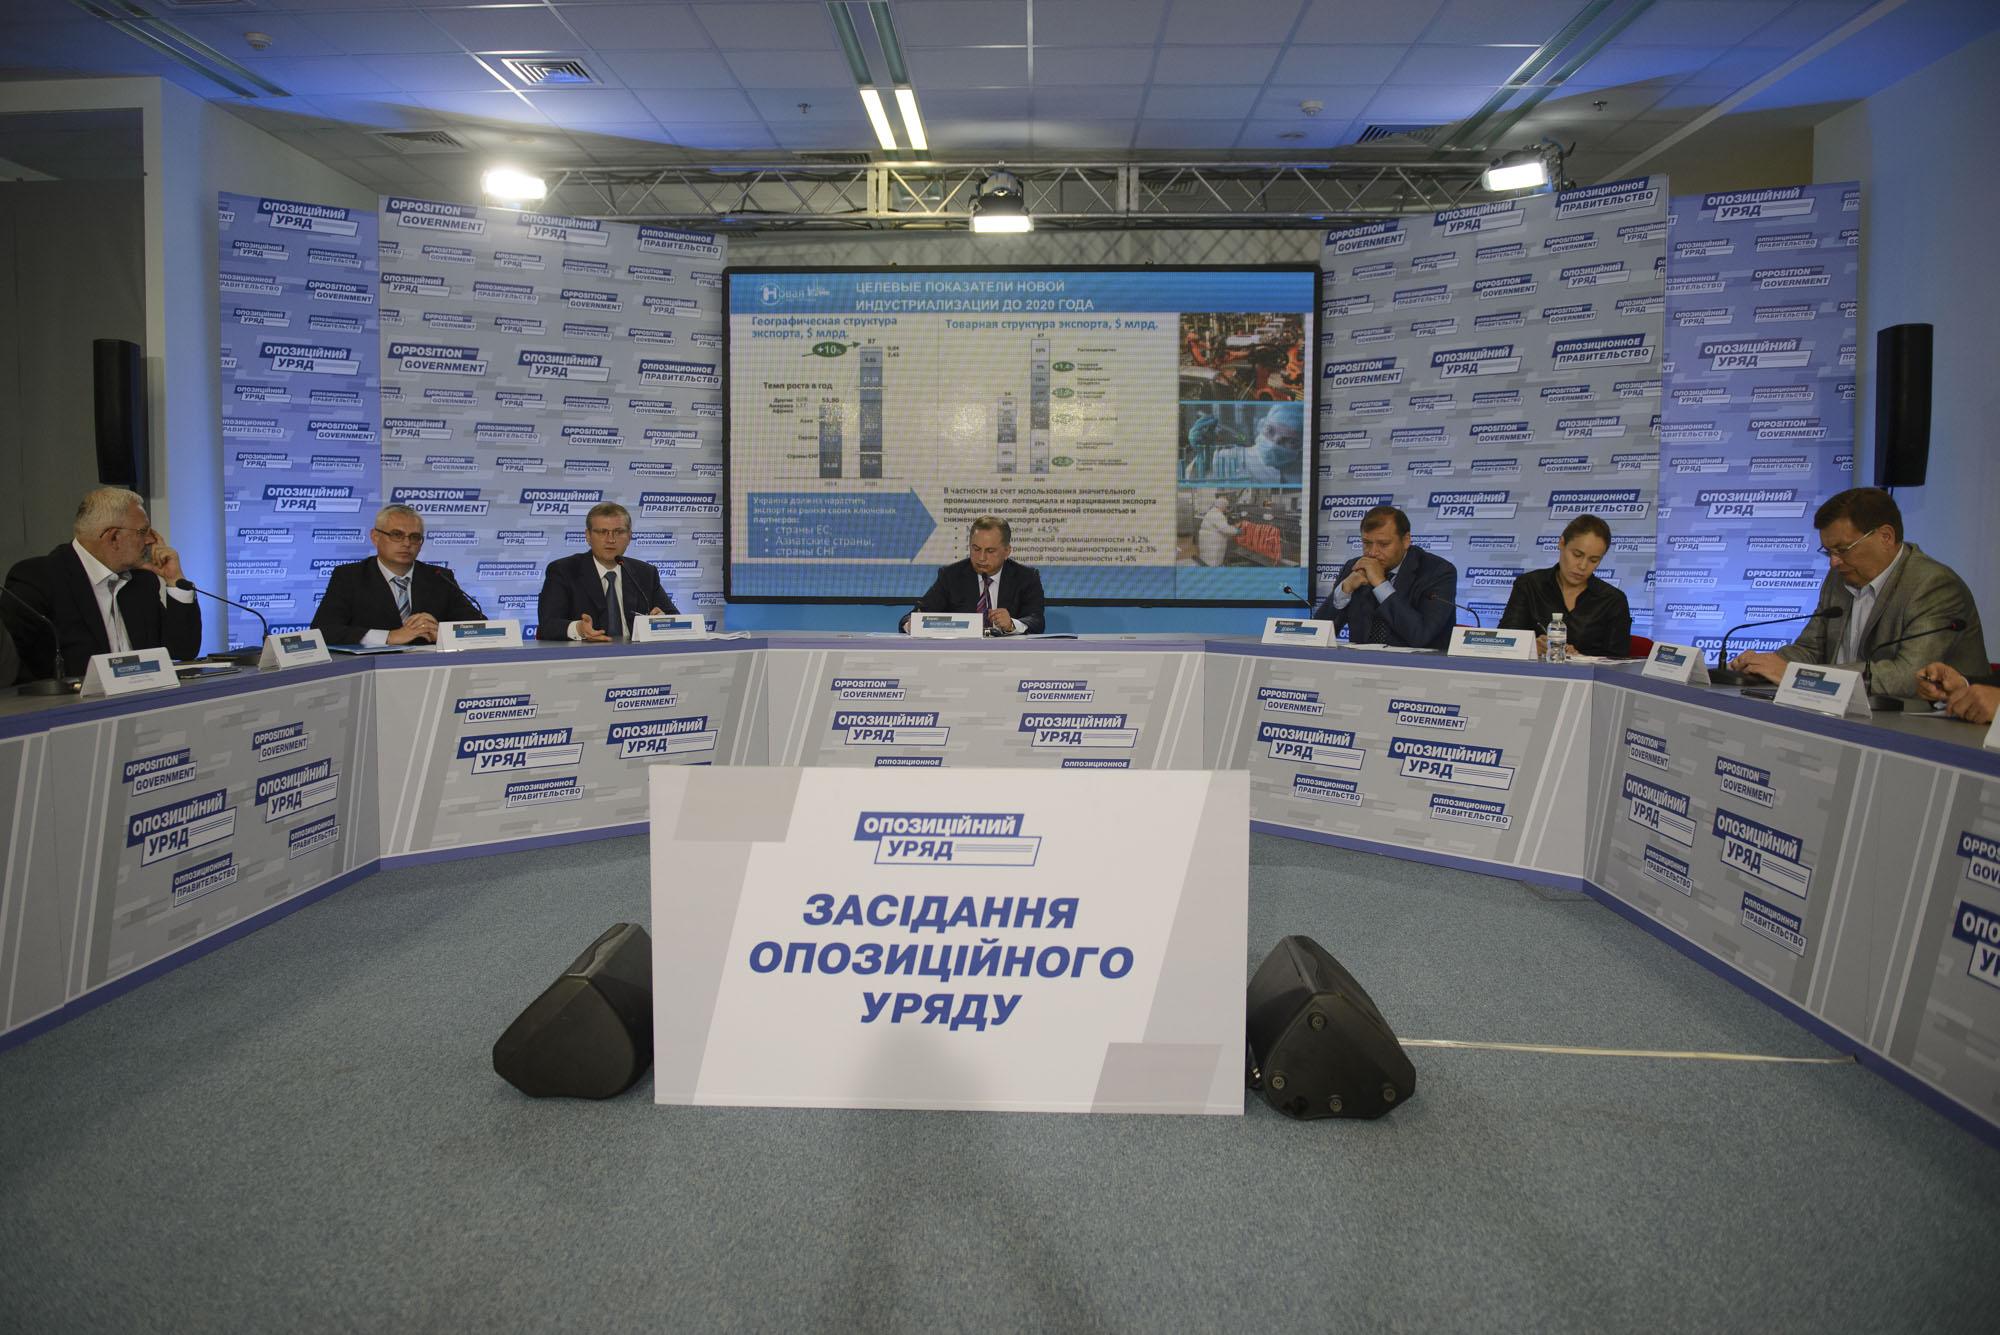 На засіданні опозиційного уряду Борис Колесніков сказав, що дії чинної влади показують намагання ввести воєнний стан, а не провести реформи і відновити Донбас.